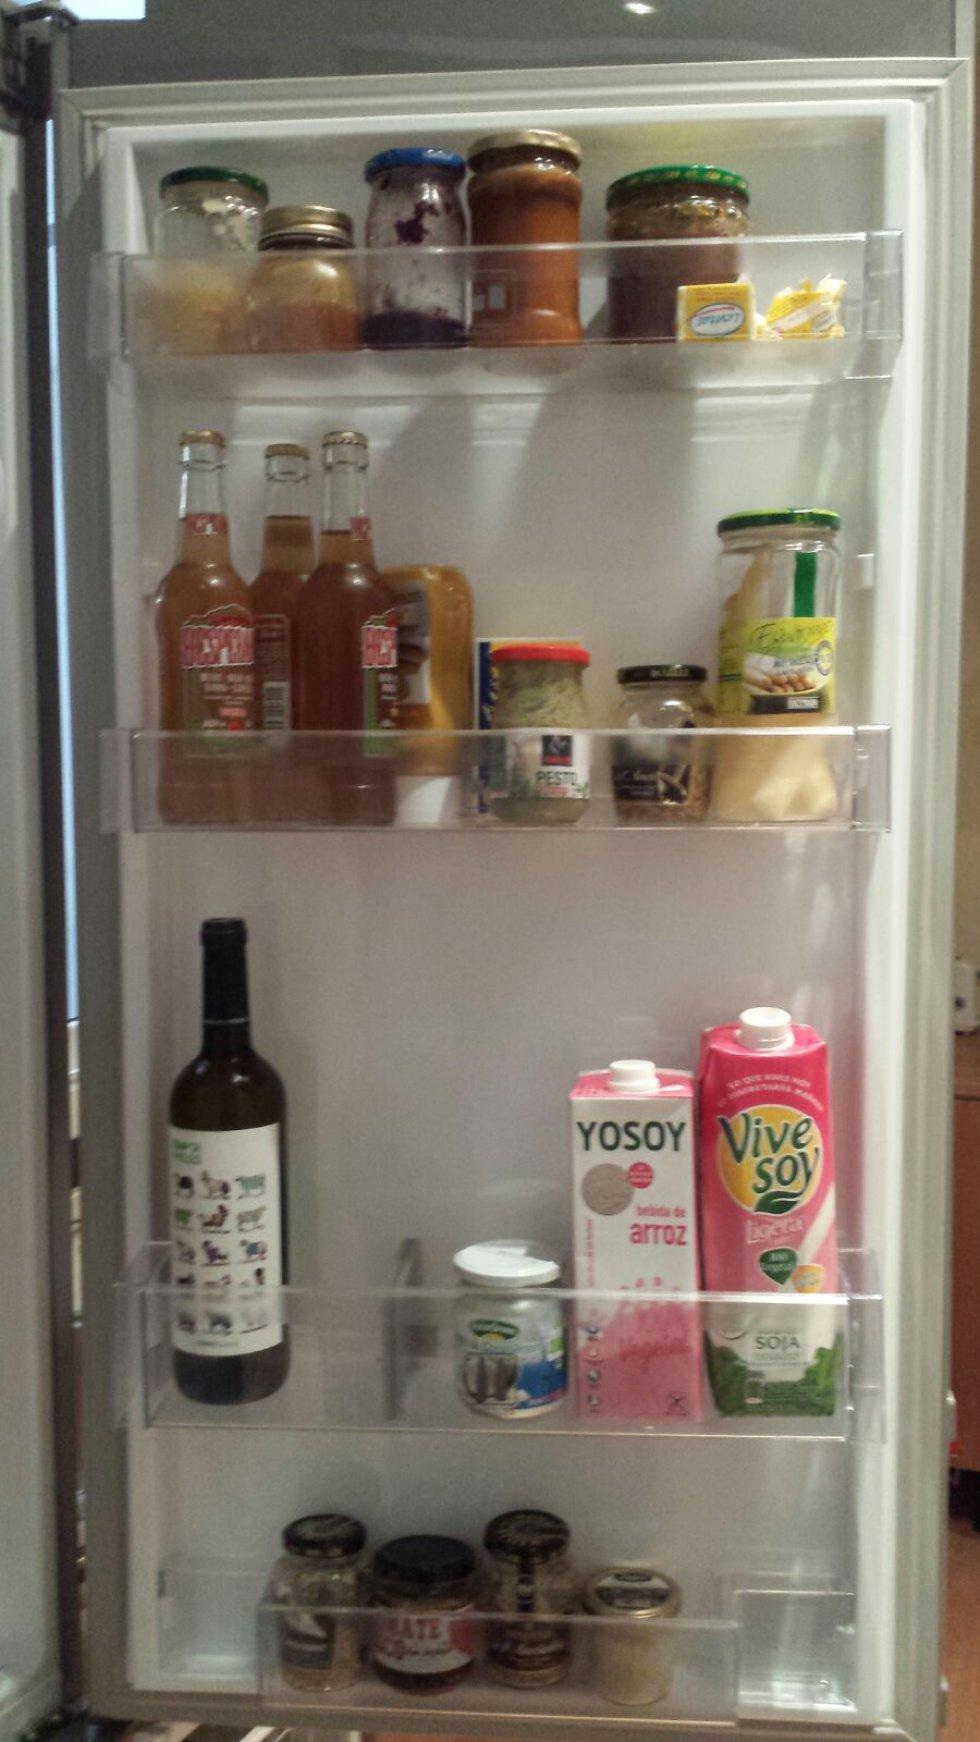 Leche de soja y condimentos varios en la puerta de la nevera de Olga Nebra